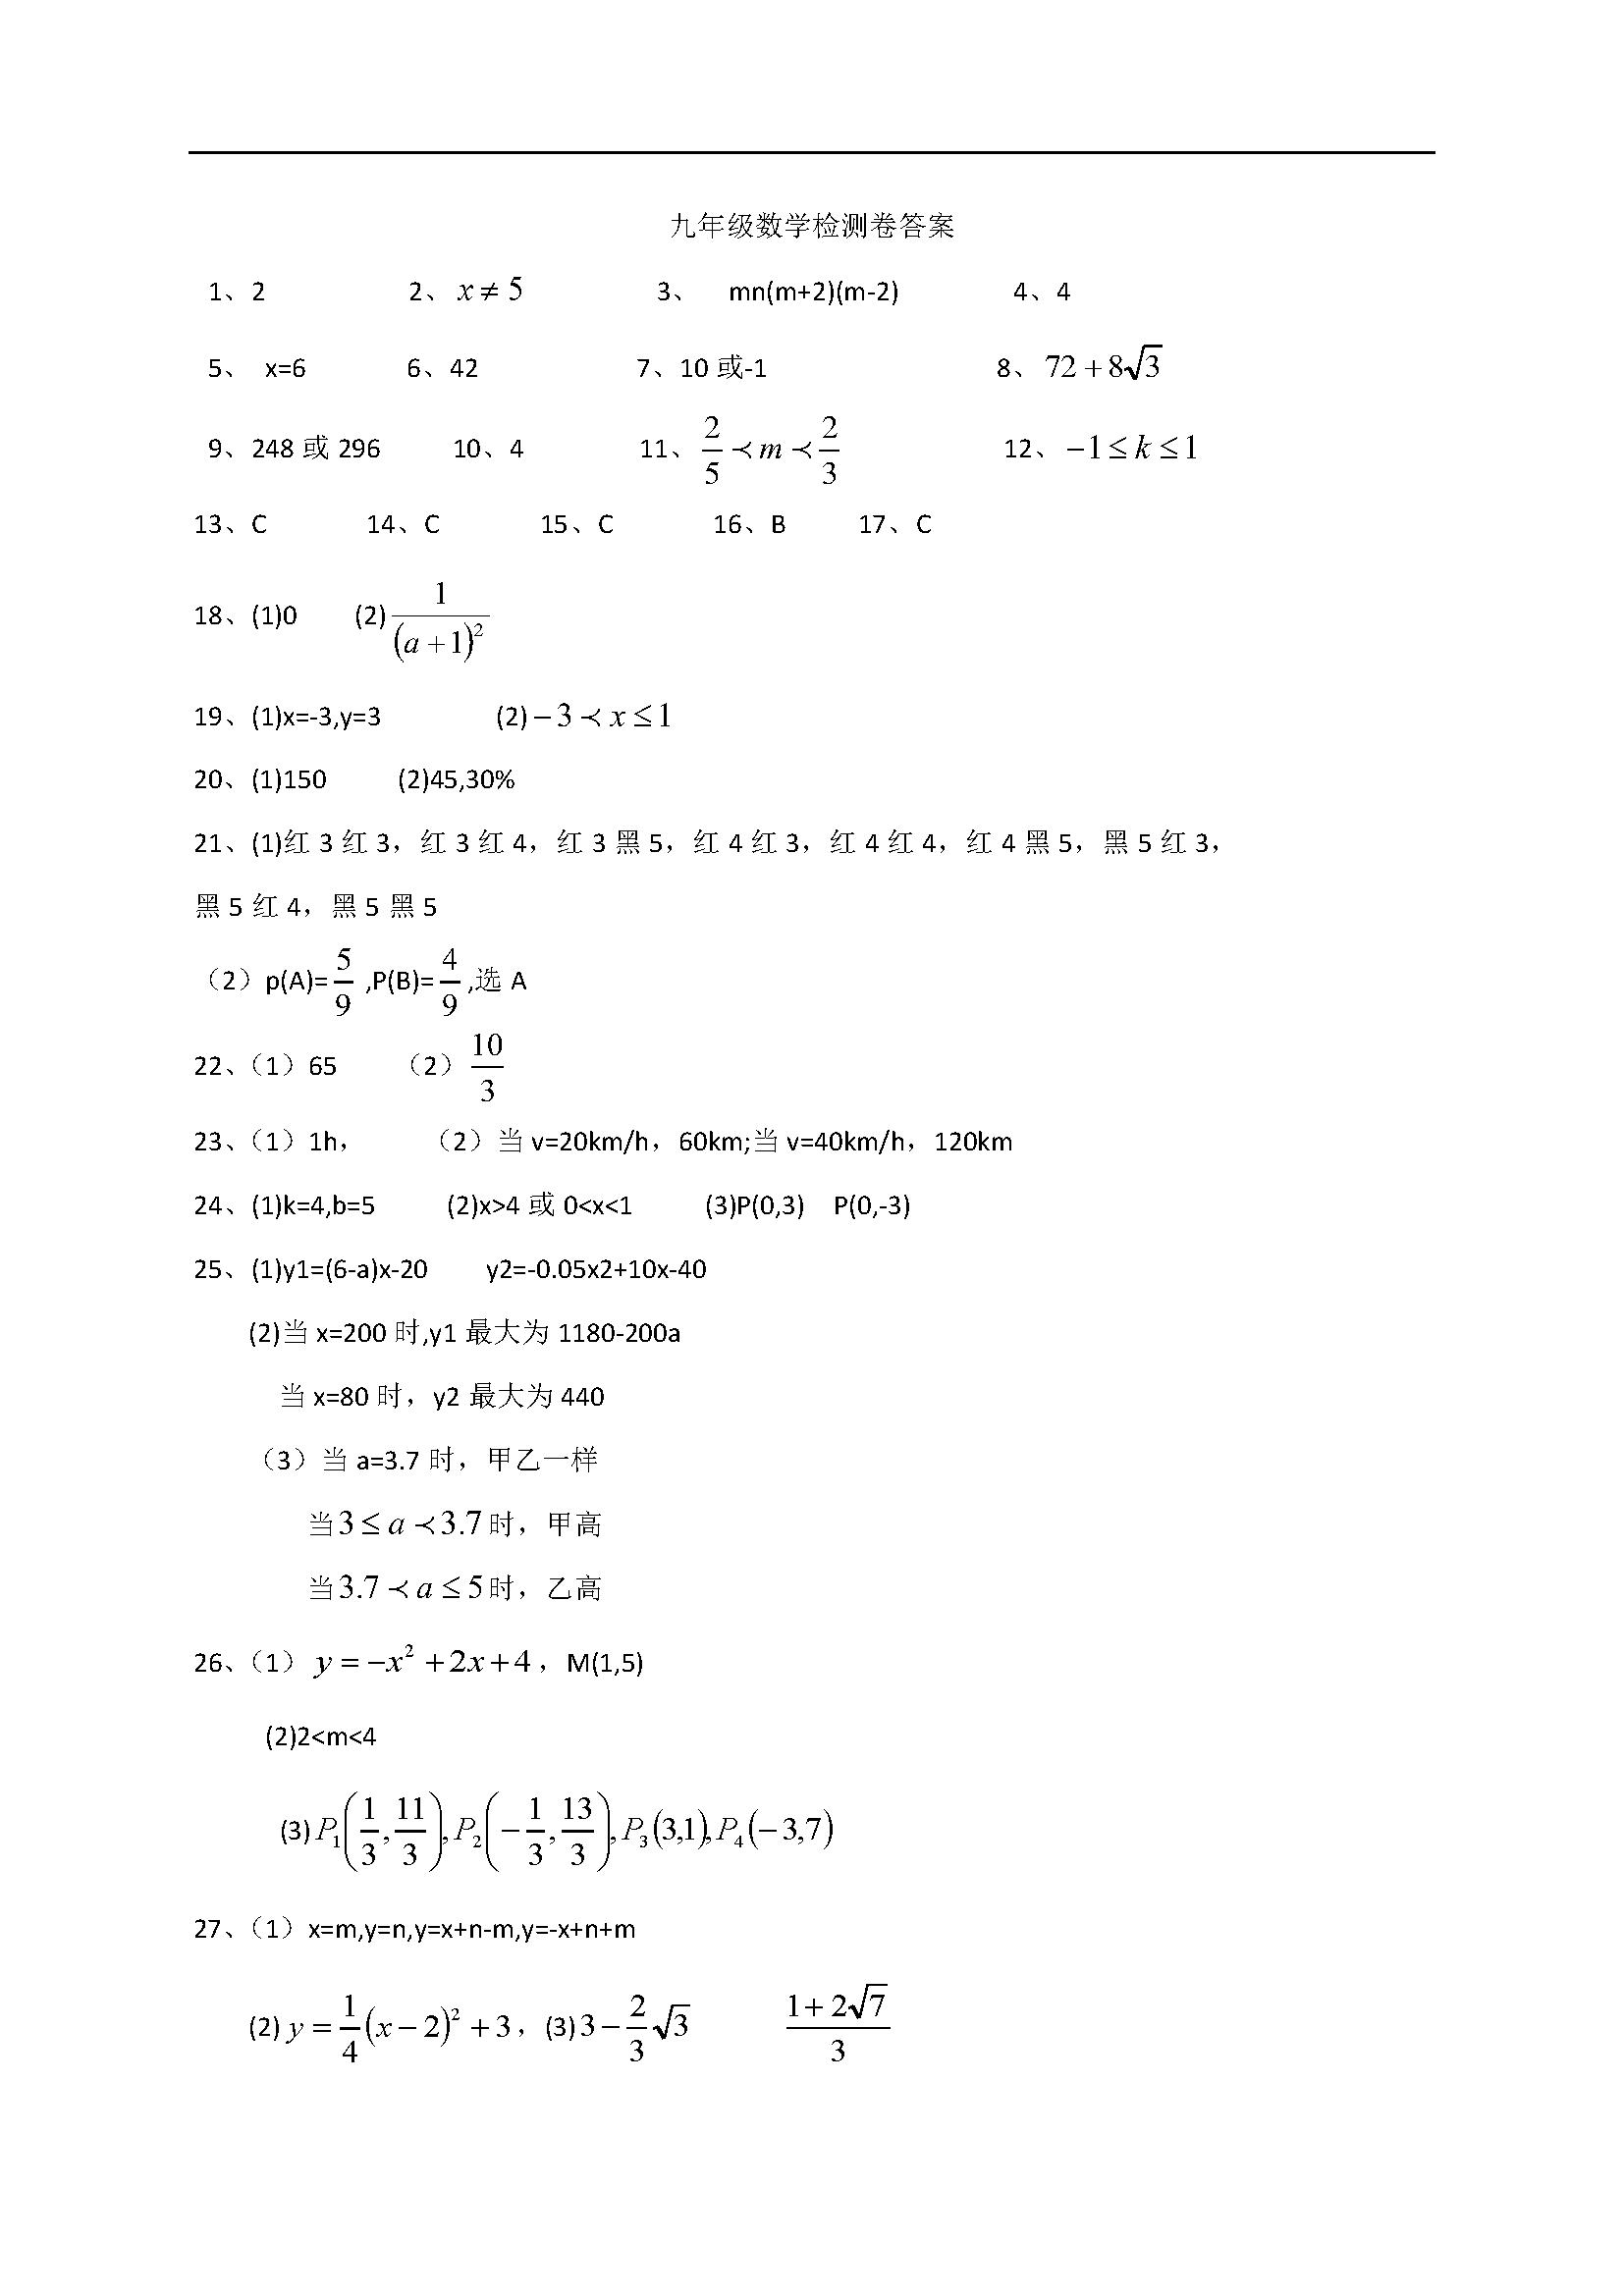 2017江苏镇江丹阳实验学校九年级3月月考数学试题答案(Word版)